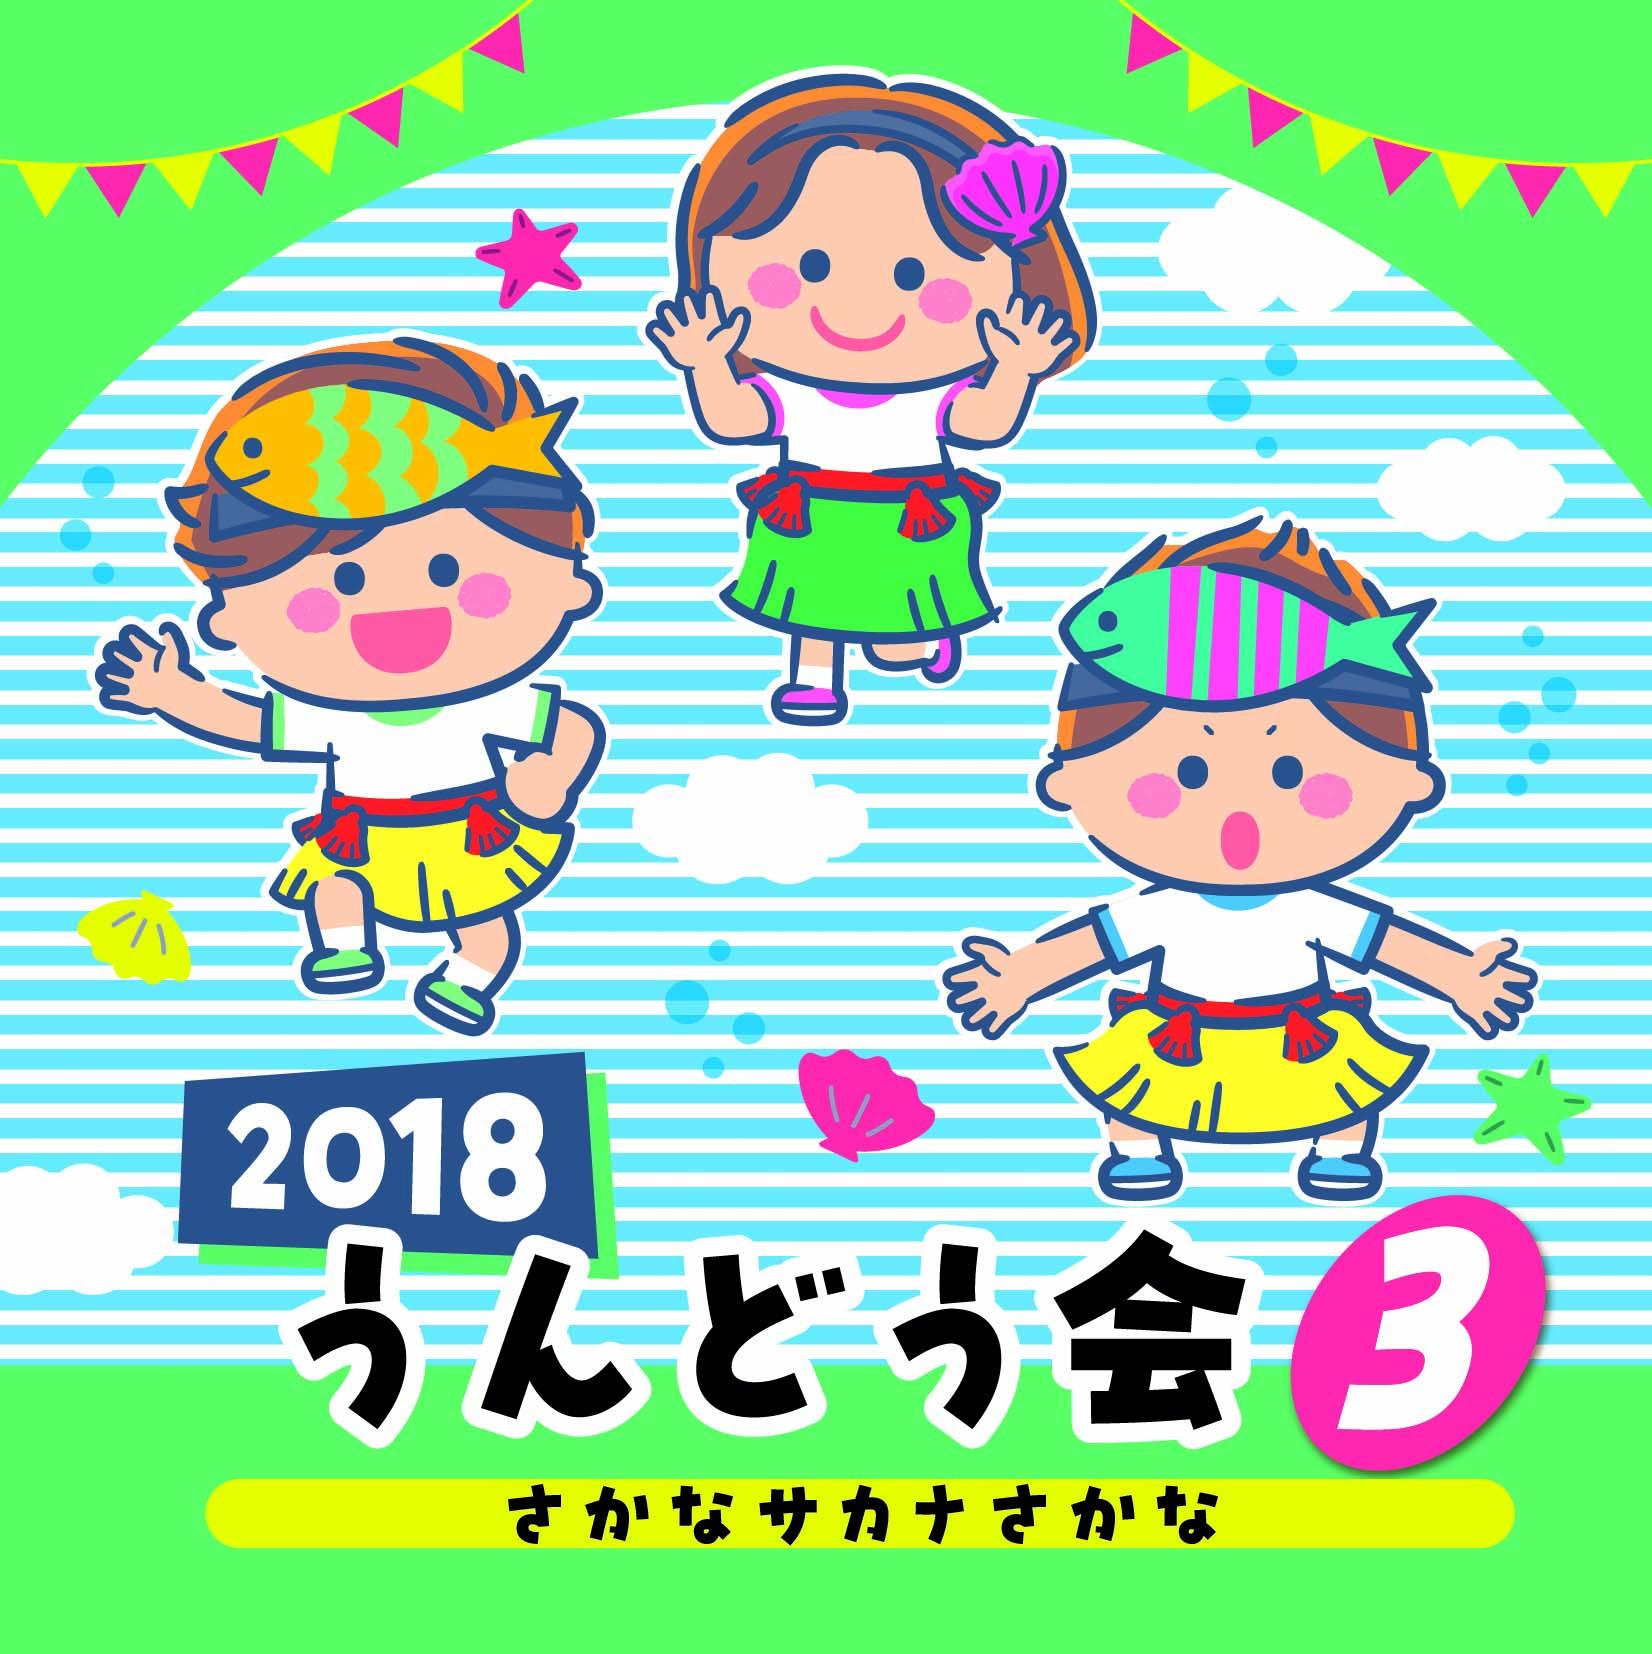 2018うんどう会(3)さかなサカナさかな